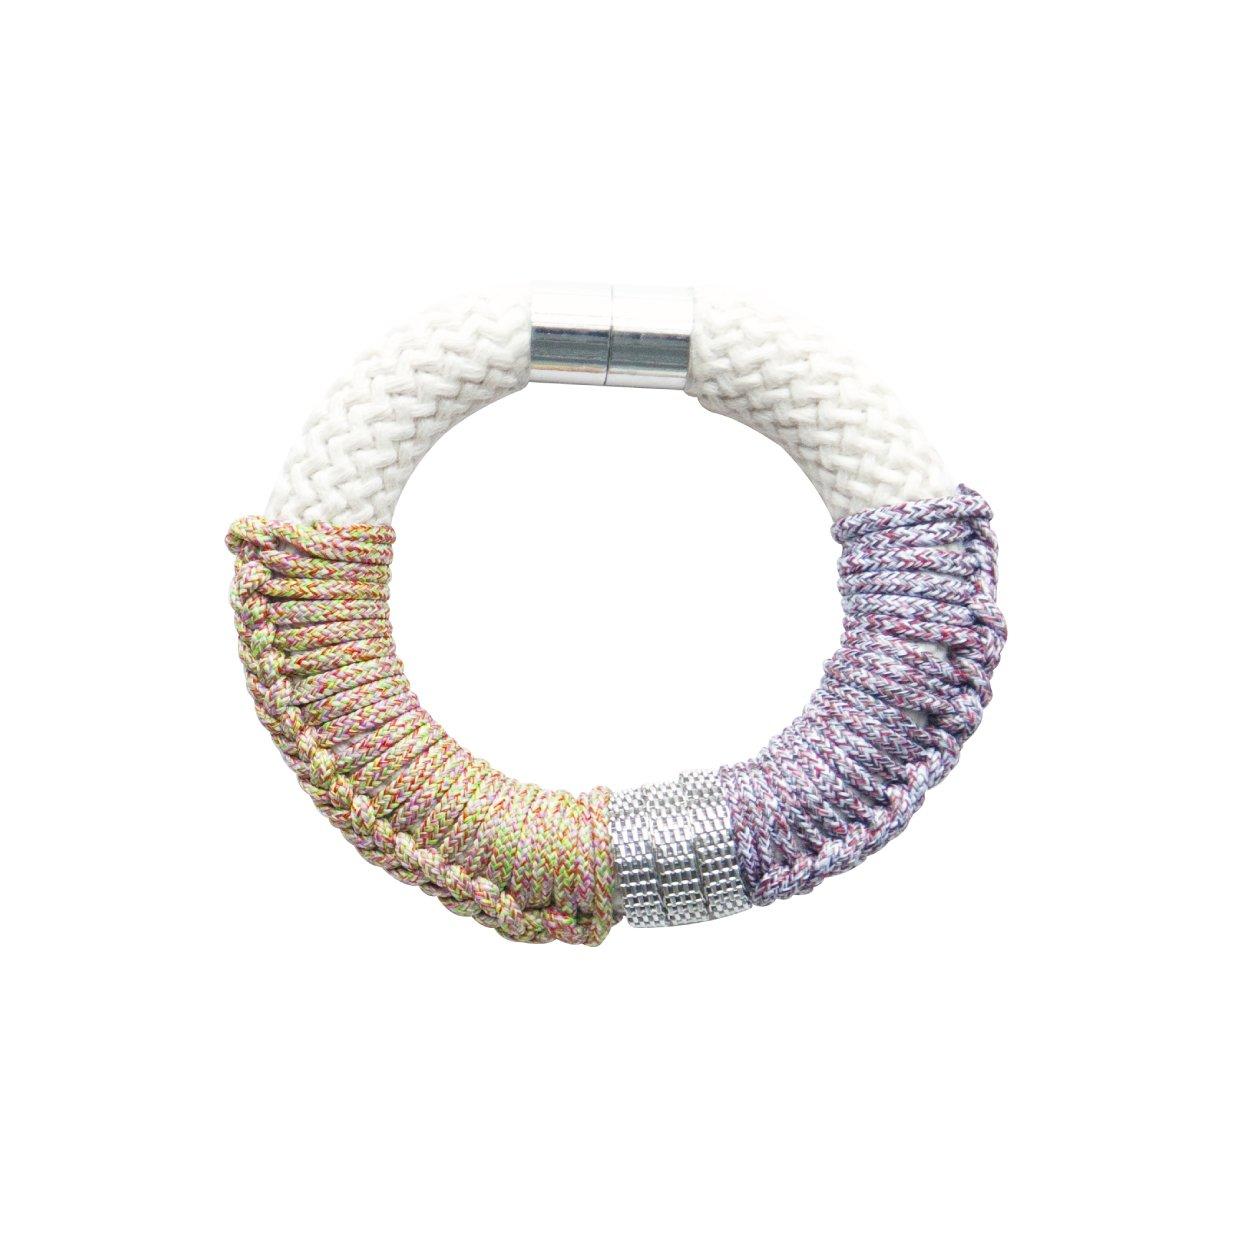 Image of Reinvent bracelet